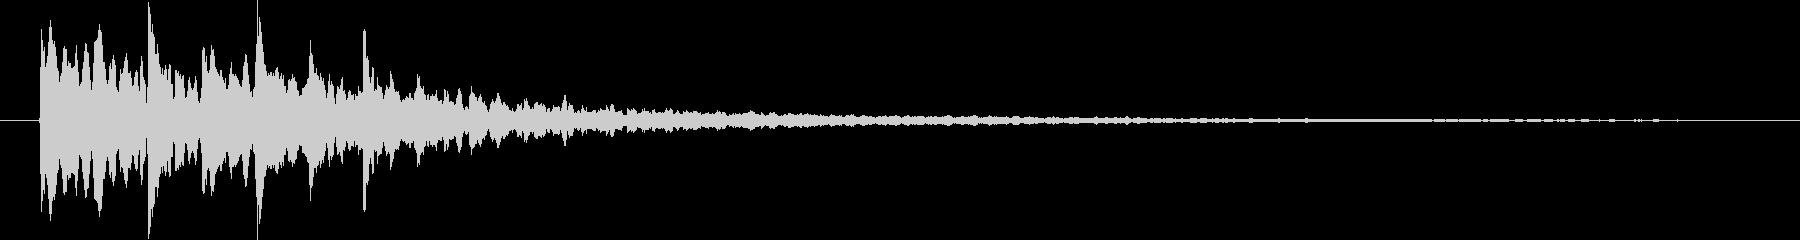 シンセ系電子音の未再生の波形